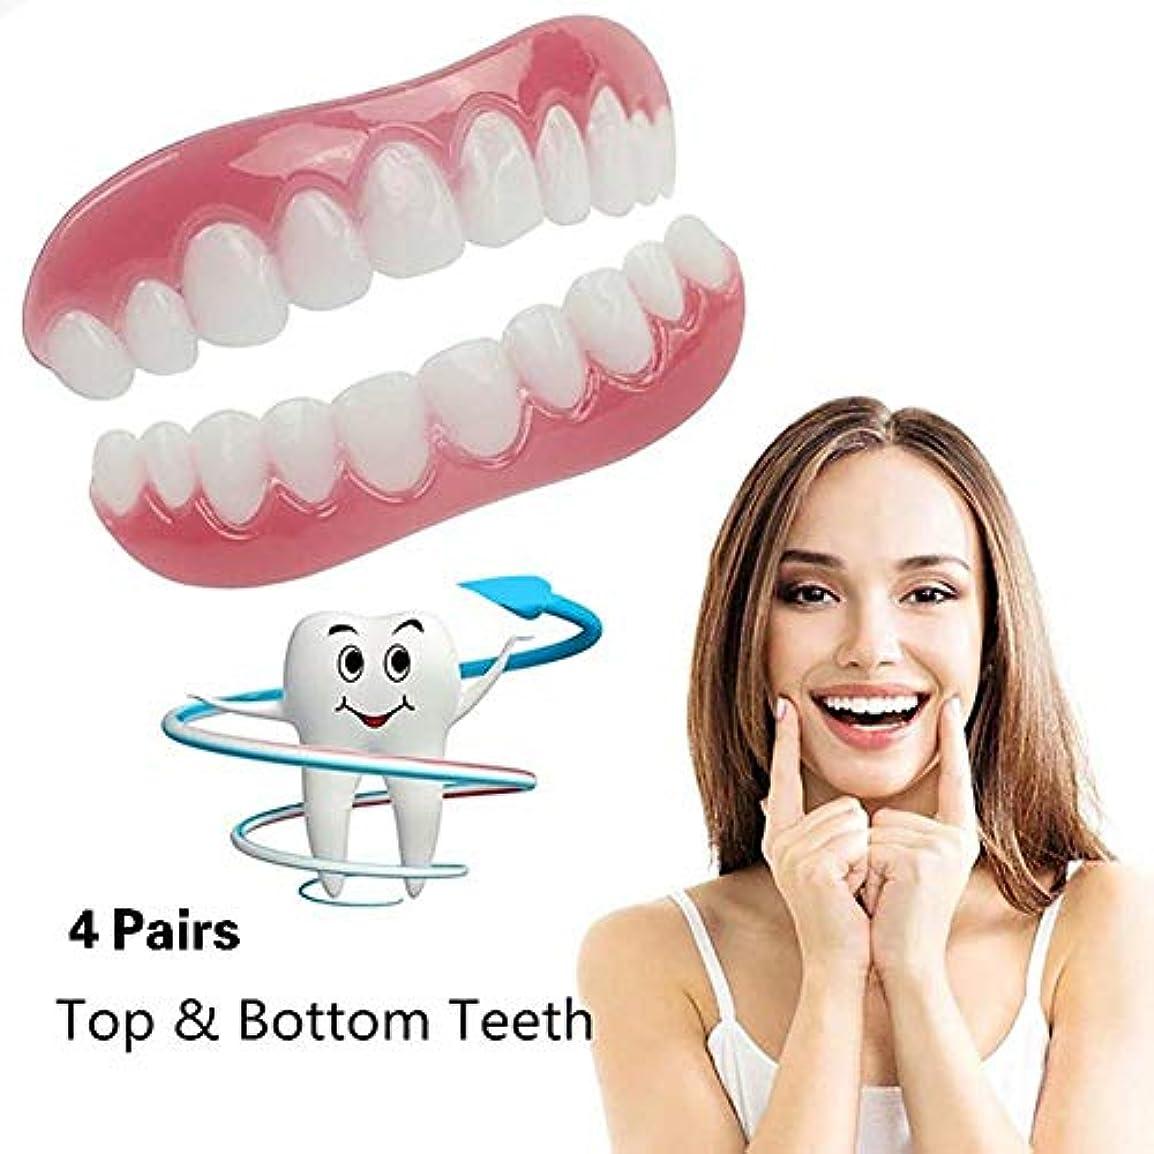 8本のシリコーンの歯のベニヤ化粧品の歯のスナップオンセキュアアッパーローフレックス歯科用ベニヤ義歯ケアホワイトニングパーフェクトトゥースワンサイズフィットすべて